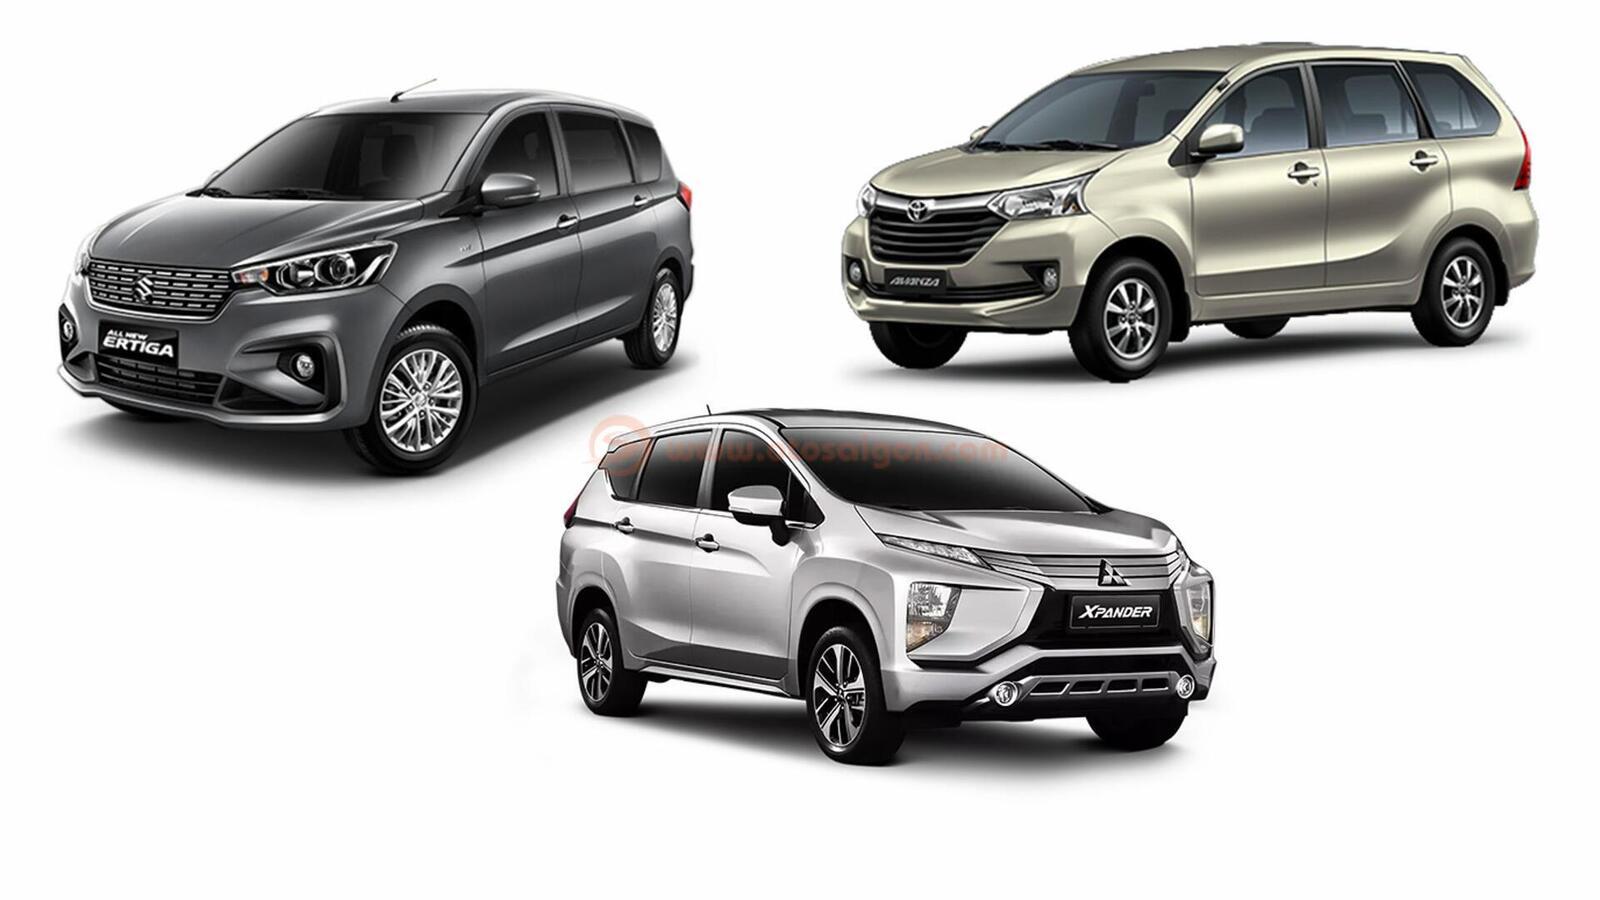 Suzuki Ertiga thế hệ sẽ về Việt Nam trong năm nay; cạnh tranh với Rush và Xpander - Hình 13